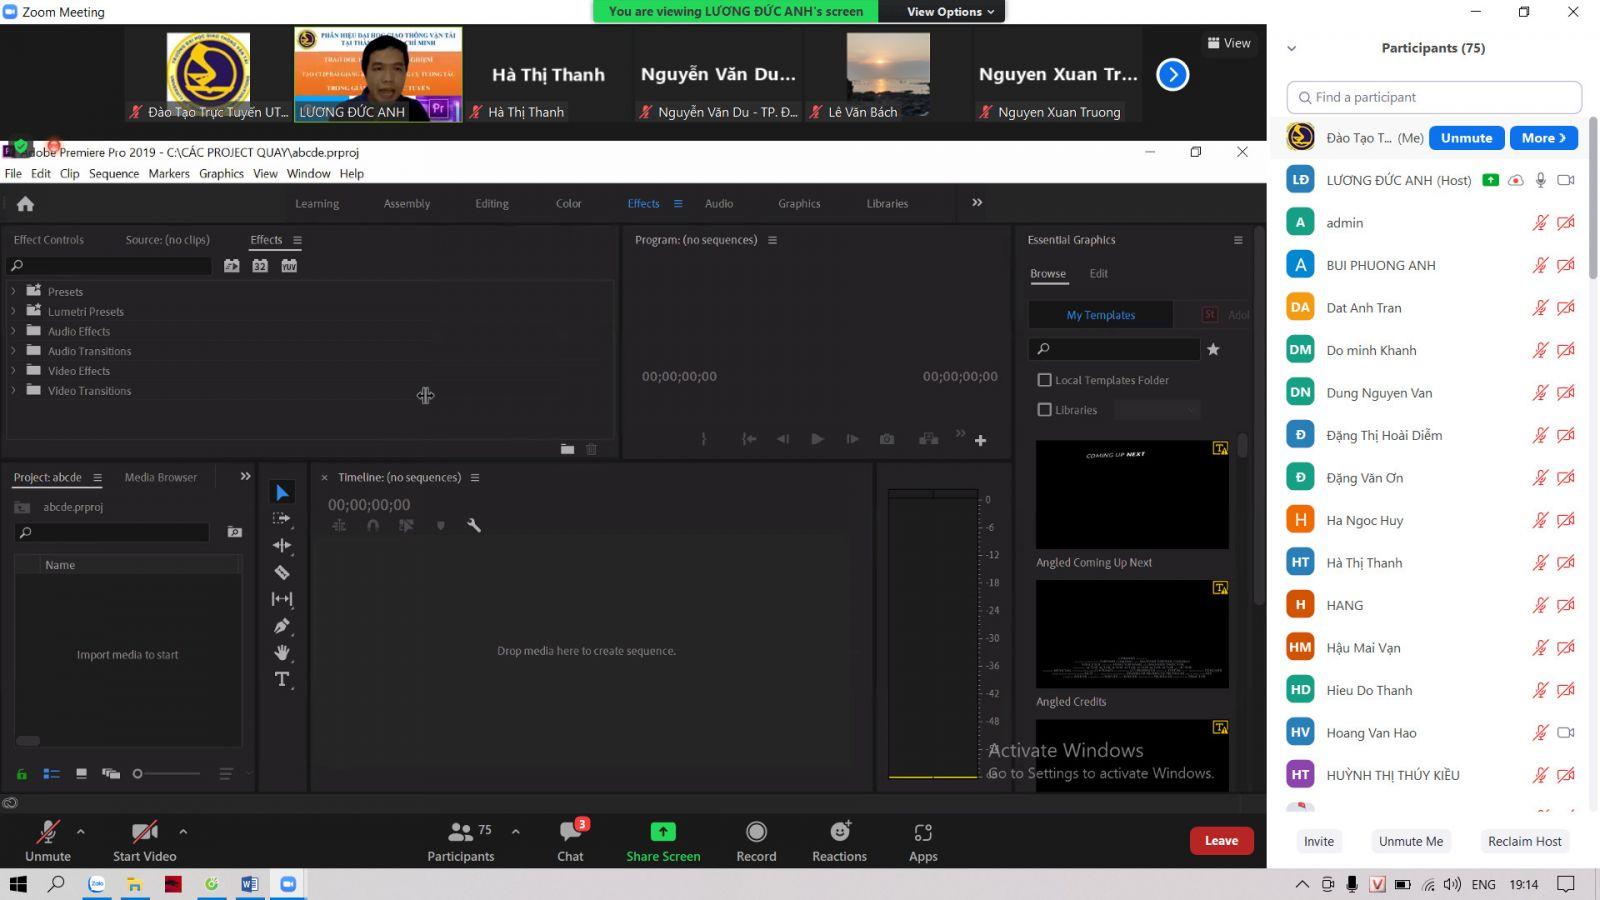 Trao đổi, học tập kinh nghiệm về tạo video clip bài giảng và sử dụng một số công cụ tương tác trong giảng dạy trực tuyến